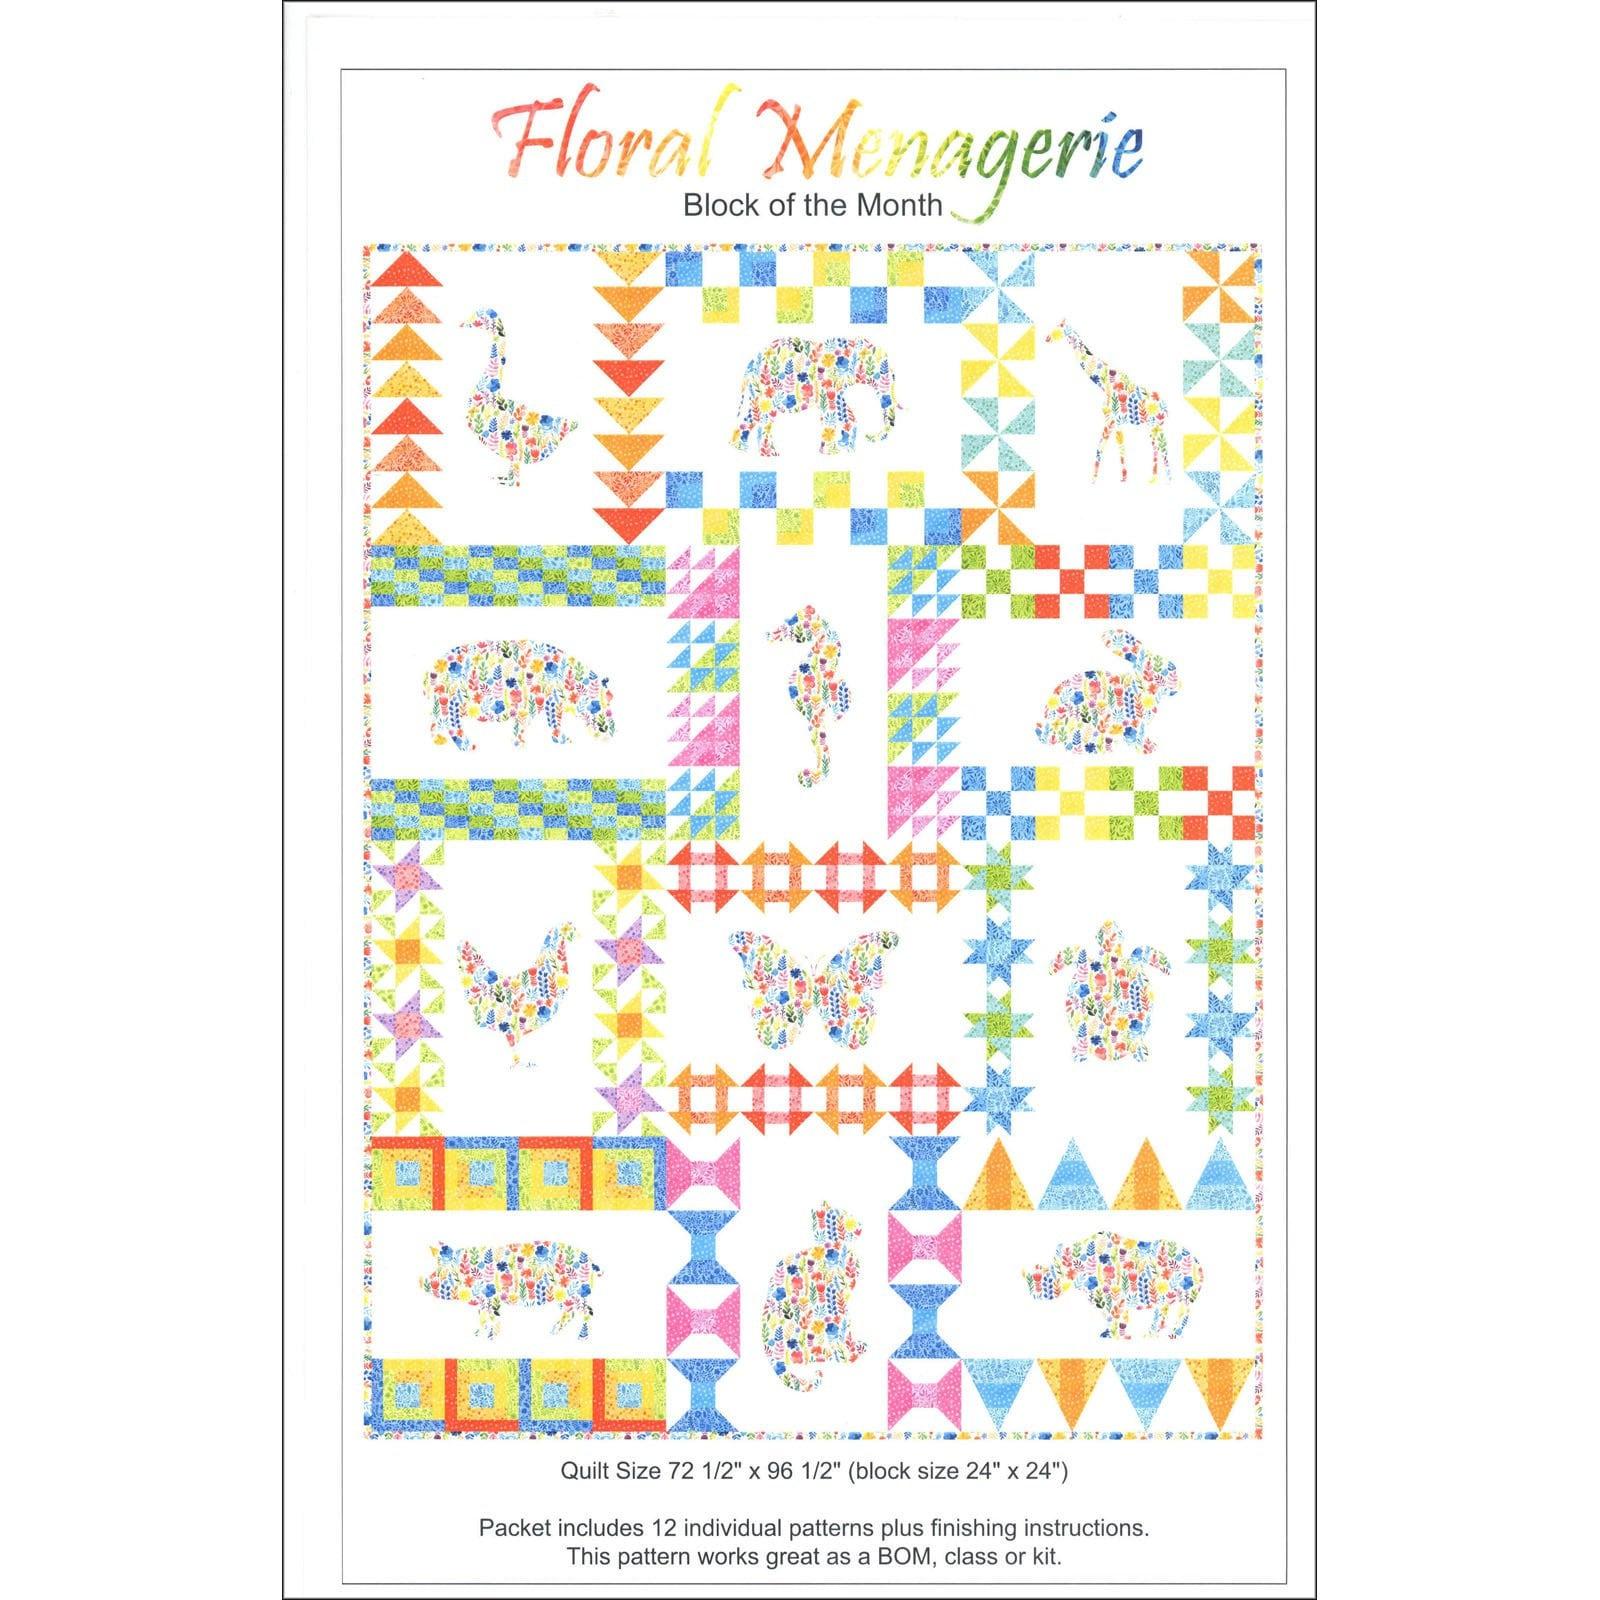 Floral ménagerie couette Kit - tous les les les tissus pour créer un 73